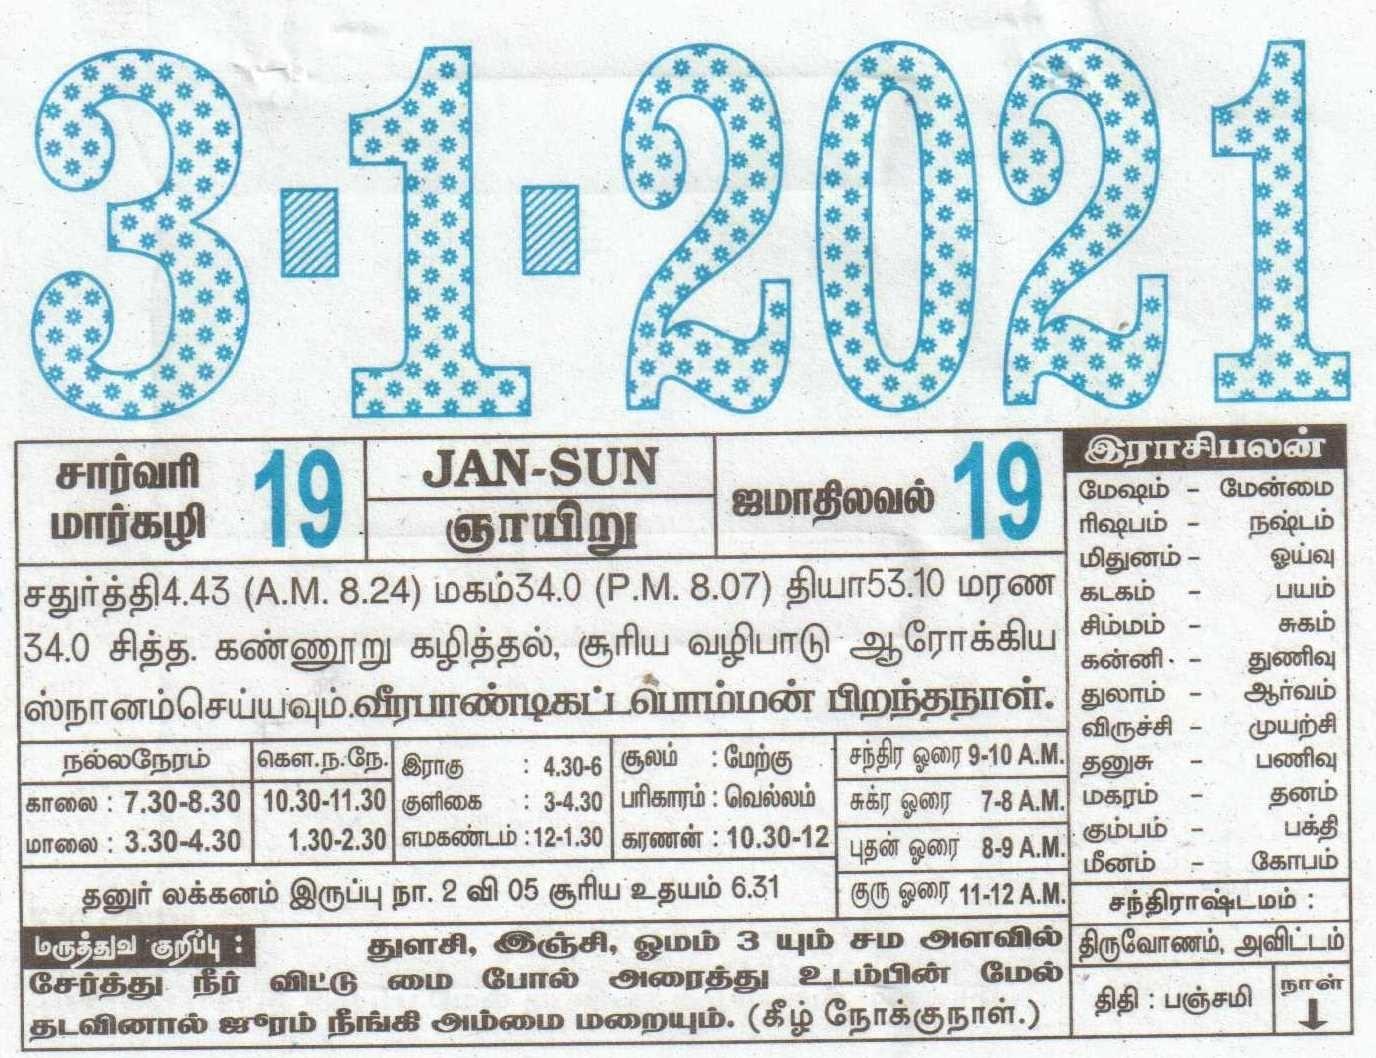 03-01-2021 Daily Calendar   Date 03 , January Daily Tear Off Calendar   Daily Panchangam Rasi Palan Tamil Daily Calendar 2021 December